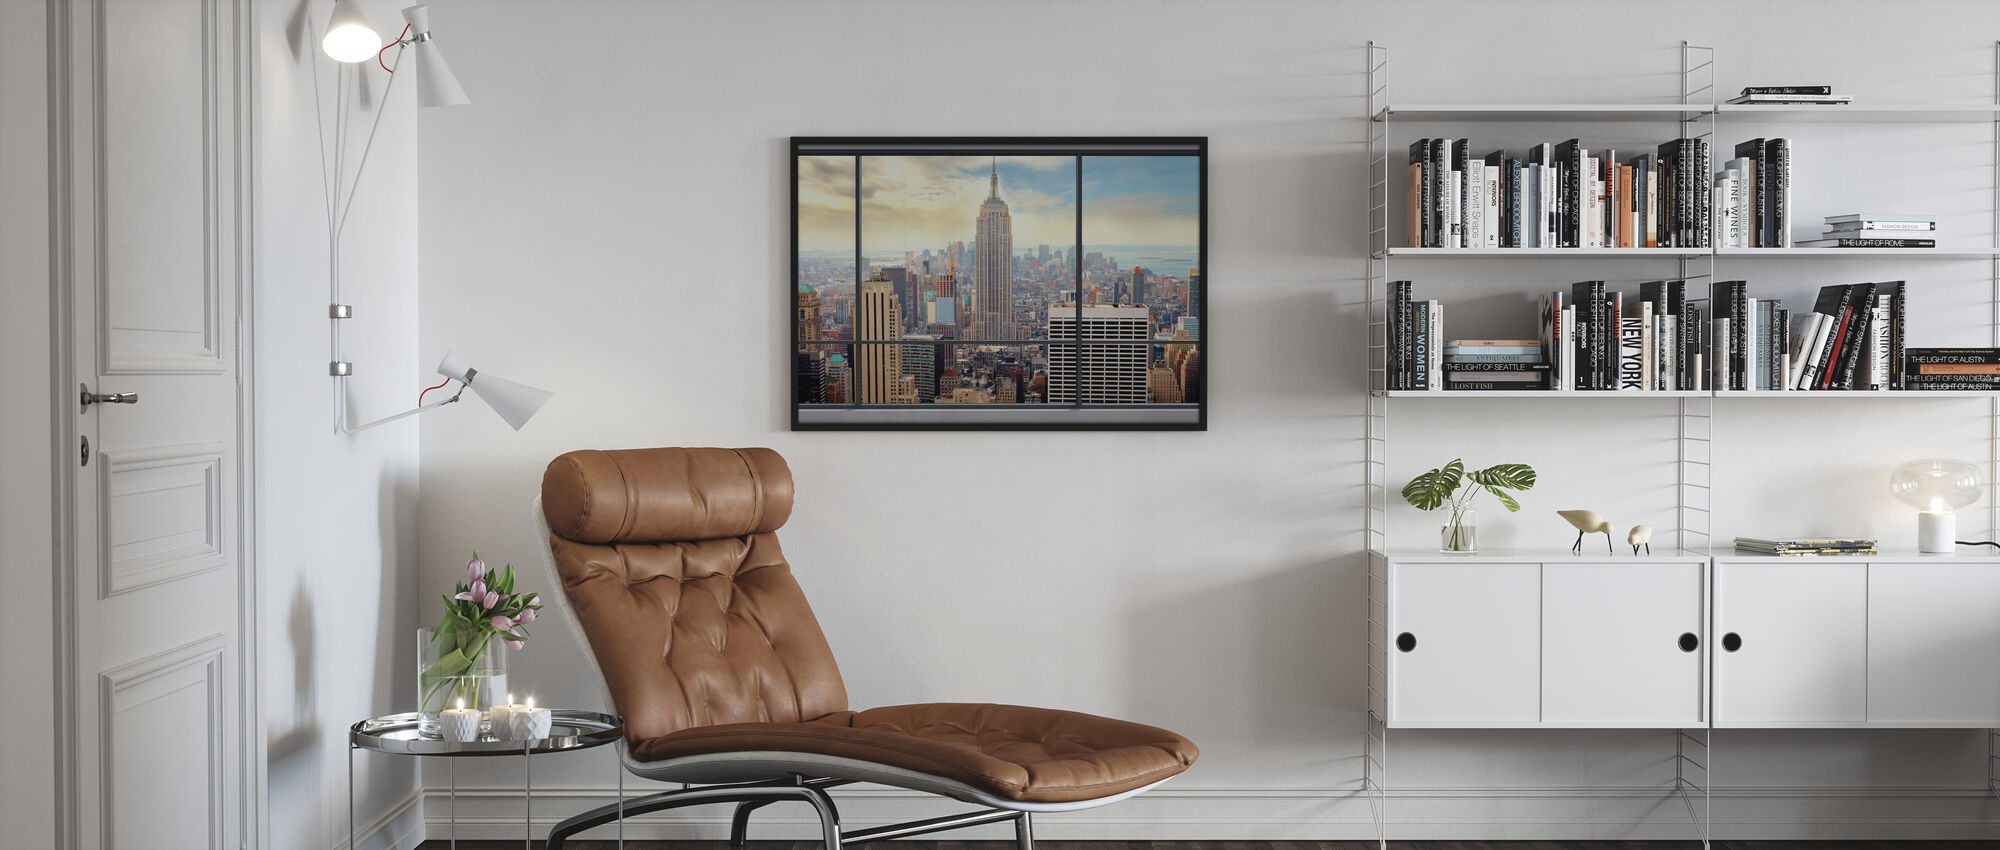 Penthouse med utsikt - Plakat - Stue